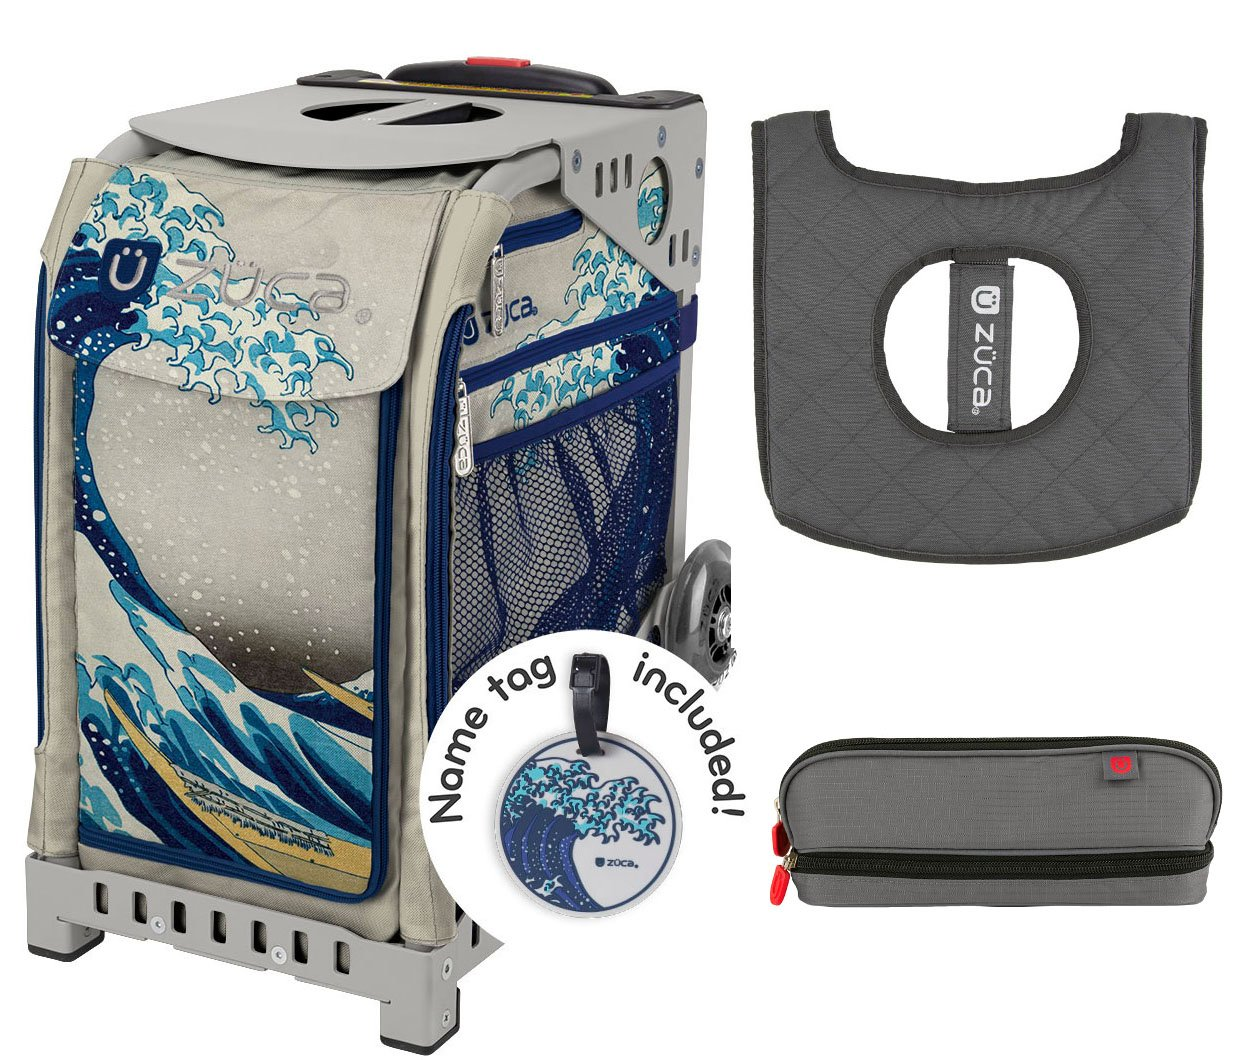 Zuca グレートウェーブ スポーツ インサートバッグ & グレーフレーム シートクッション & ペンシルケース付き